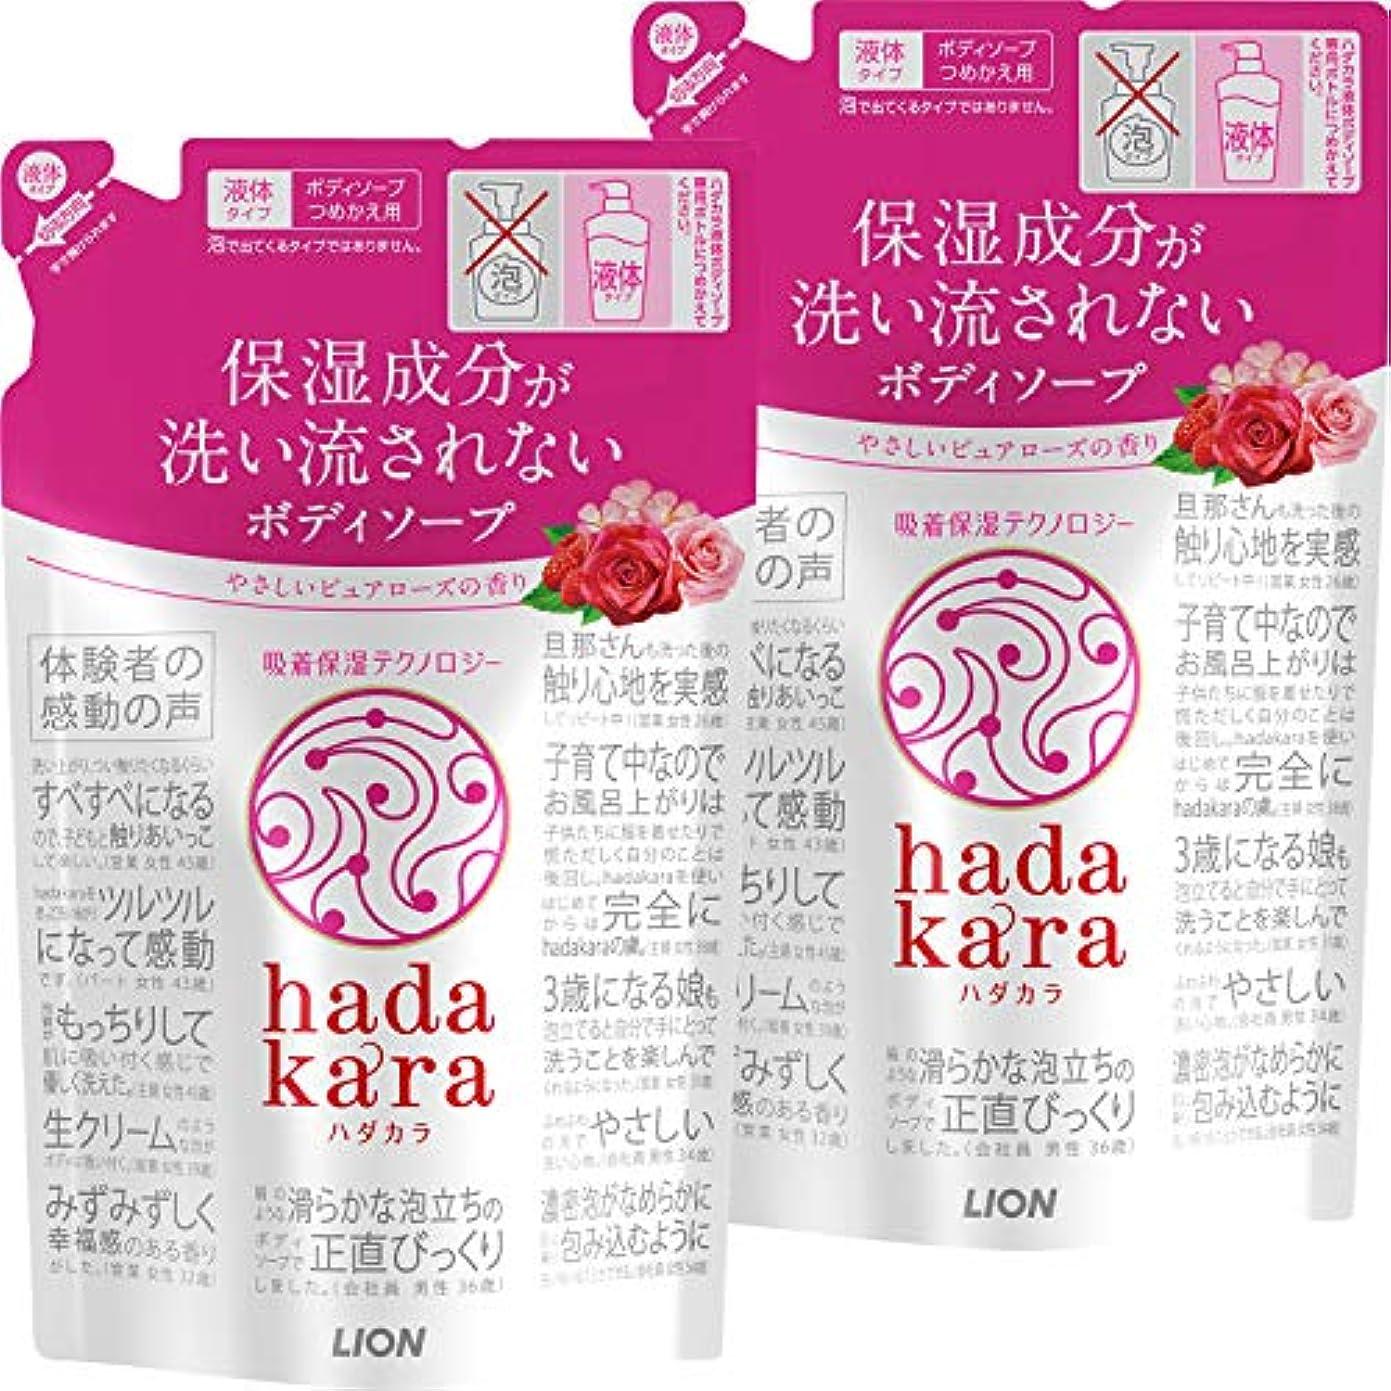 足偏心【まとめ買い】hadakara(ハダカラ) ボディソープ ピュアローズの香り 詰め替え 360ml×2個パック